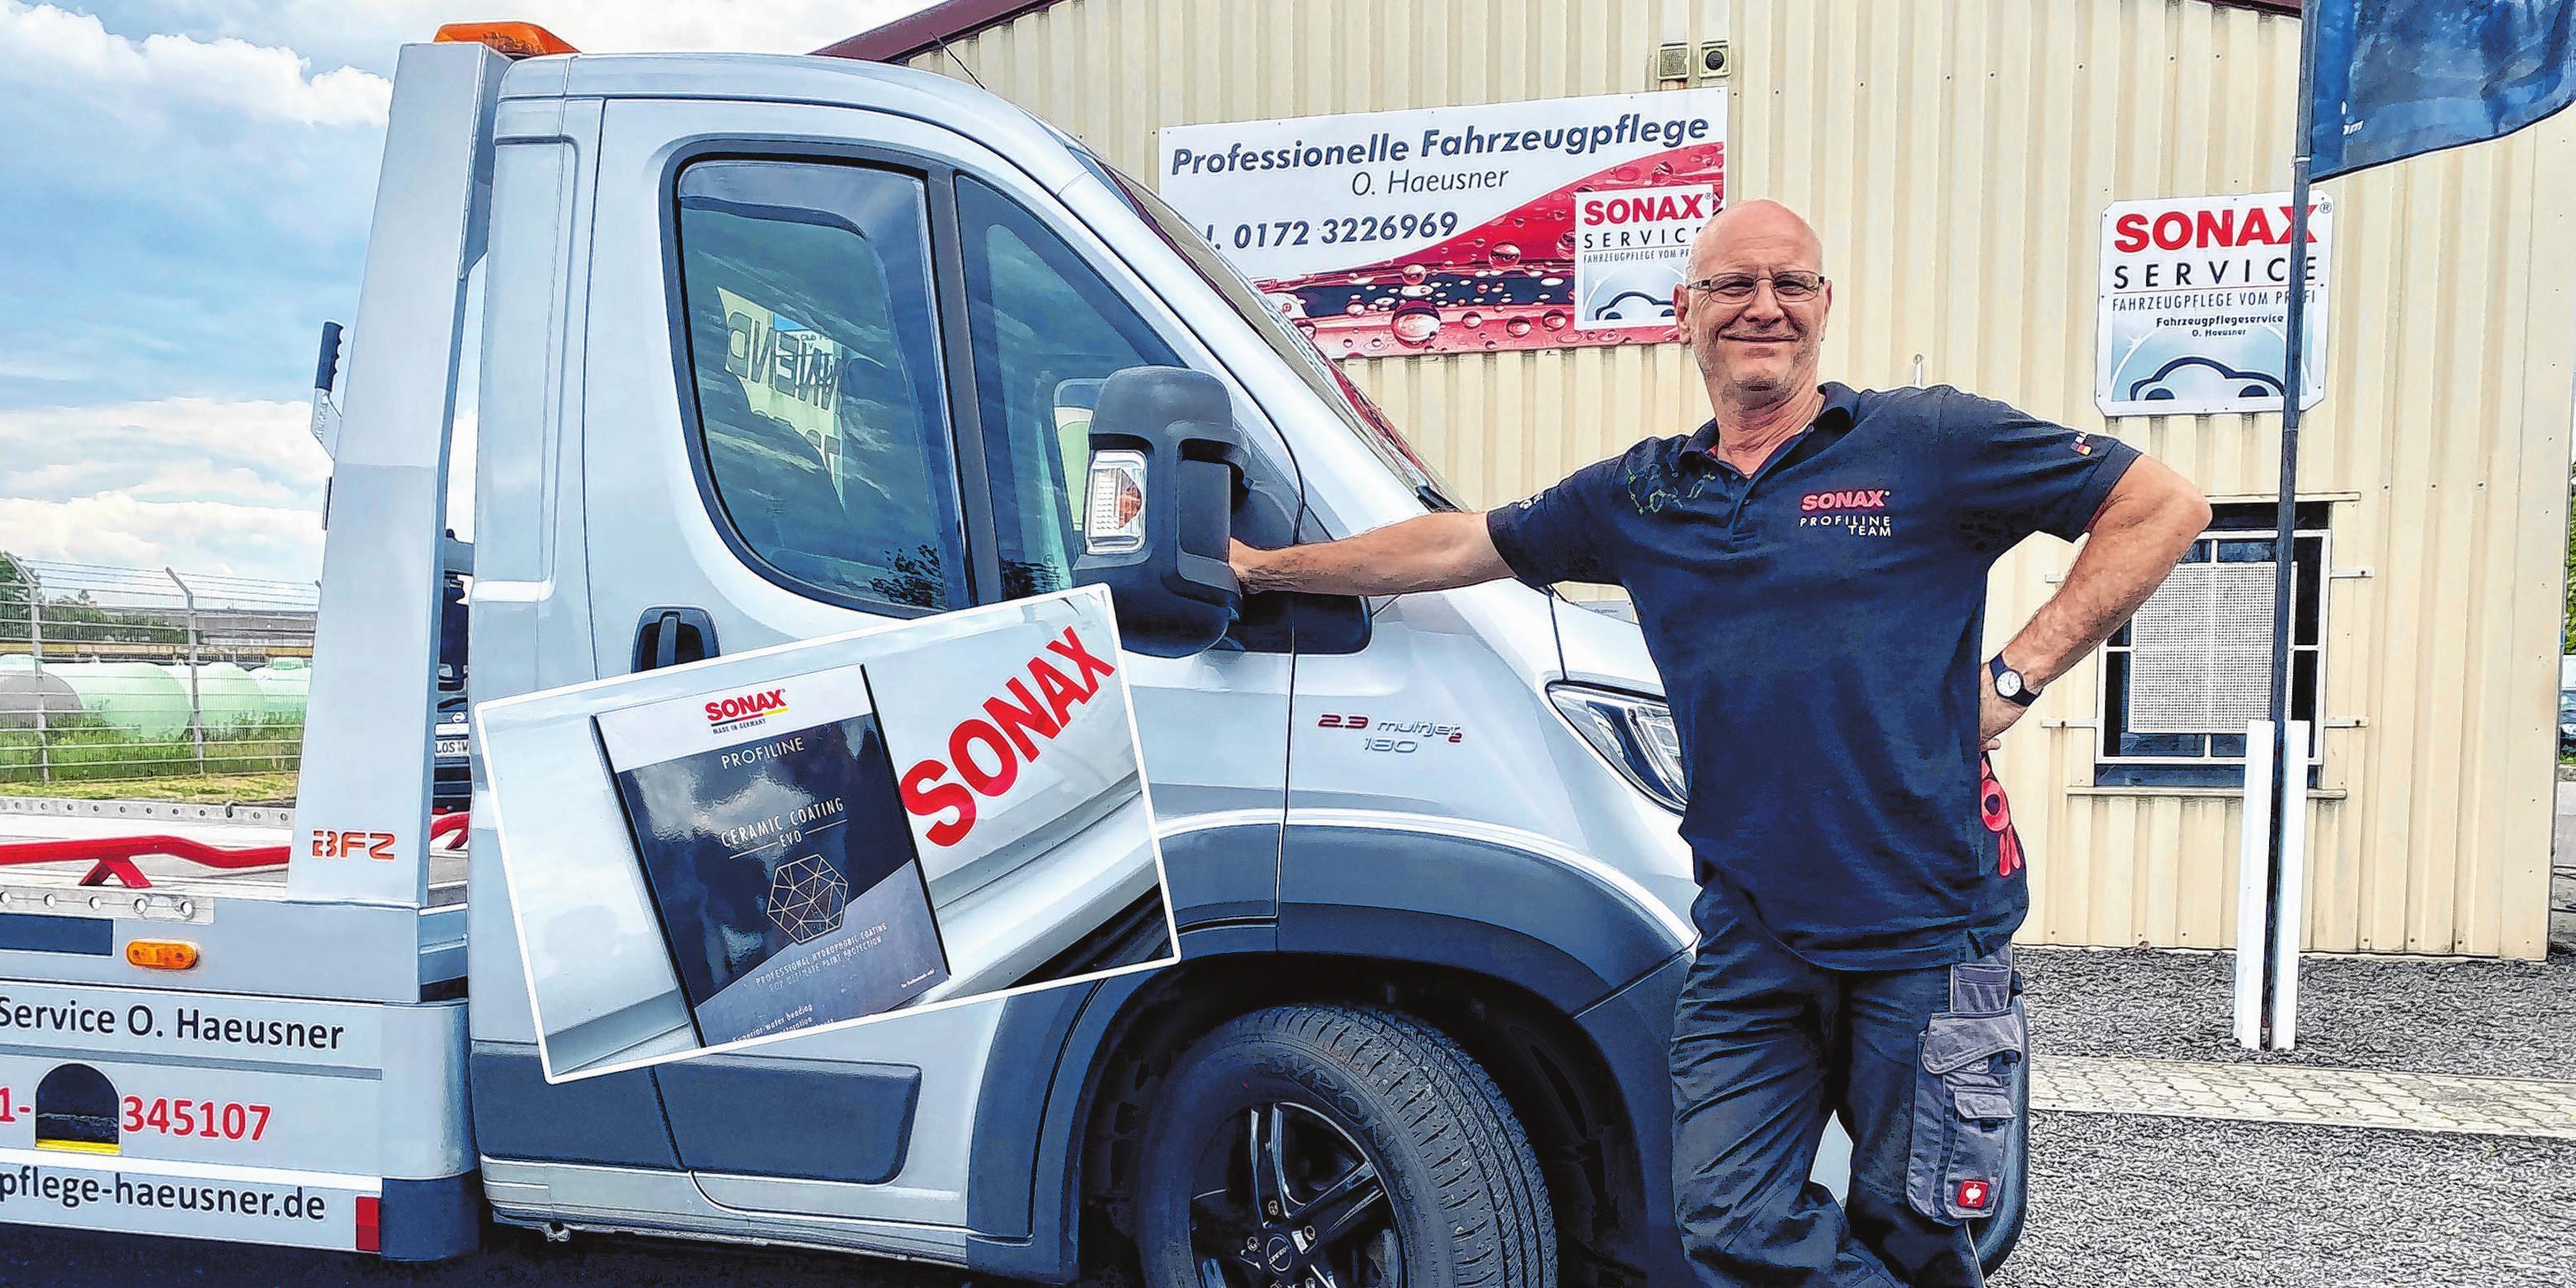 """Professionelle Fahrzeugaufbereitung durch die Firma """"Fahrzeugpflege Service Haeusner"""". Olaf Haeusner bietet seinen Kunden die Reinigung, die Pflege oder die Komplettaufbereitung von Fahrzeugen und Booten, auch zur Werterhaltung an. Der Kunde profitiert von einer über 15-jährigen Erfahrung mit der NANO-Technologie und einer 25-jährigen Berufserfahrung. Die Firma ist Zertifizierter SONAX Partner. Fotos: Alexander Winkler"""